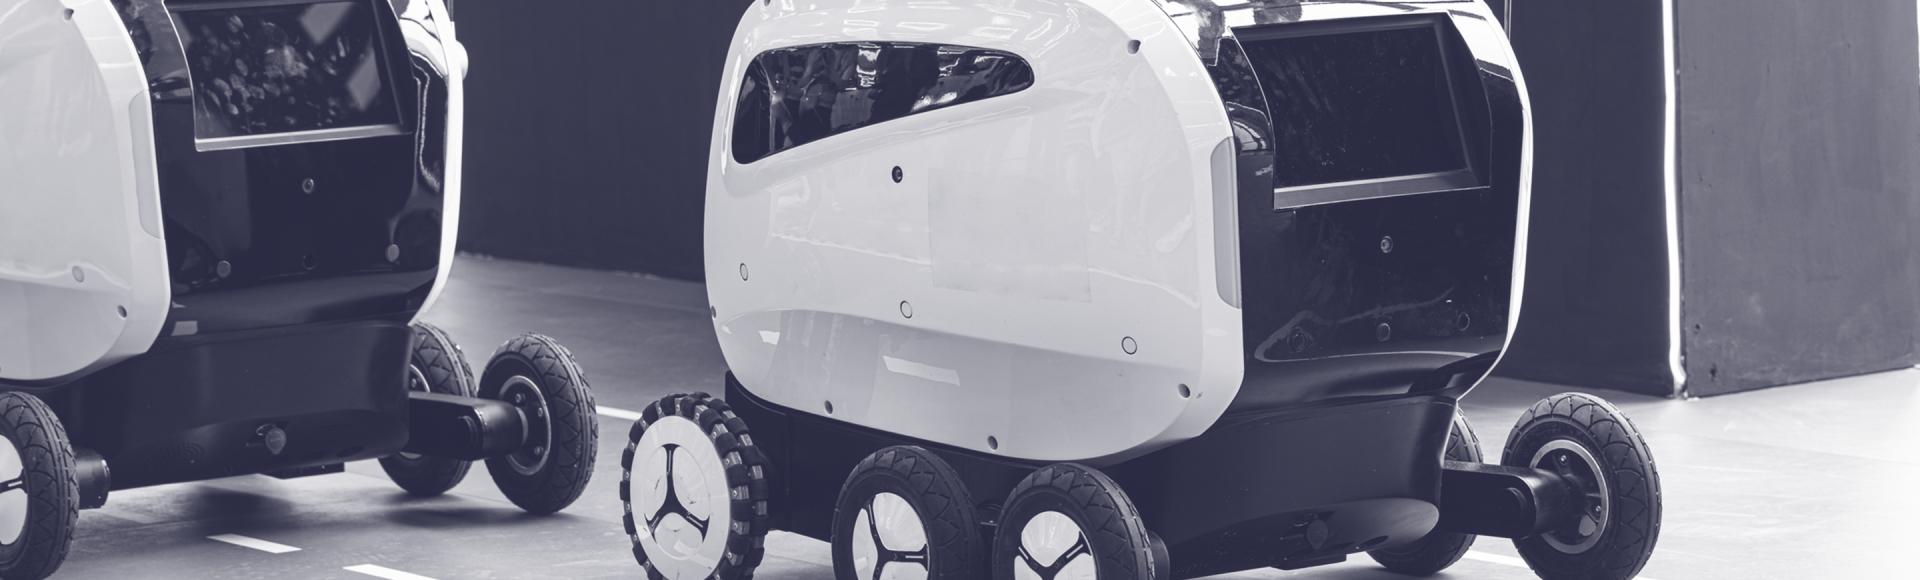 ARK-Invest_Blog-Banner_2018_09_12---Autonomous-Delivery